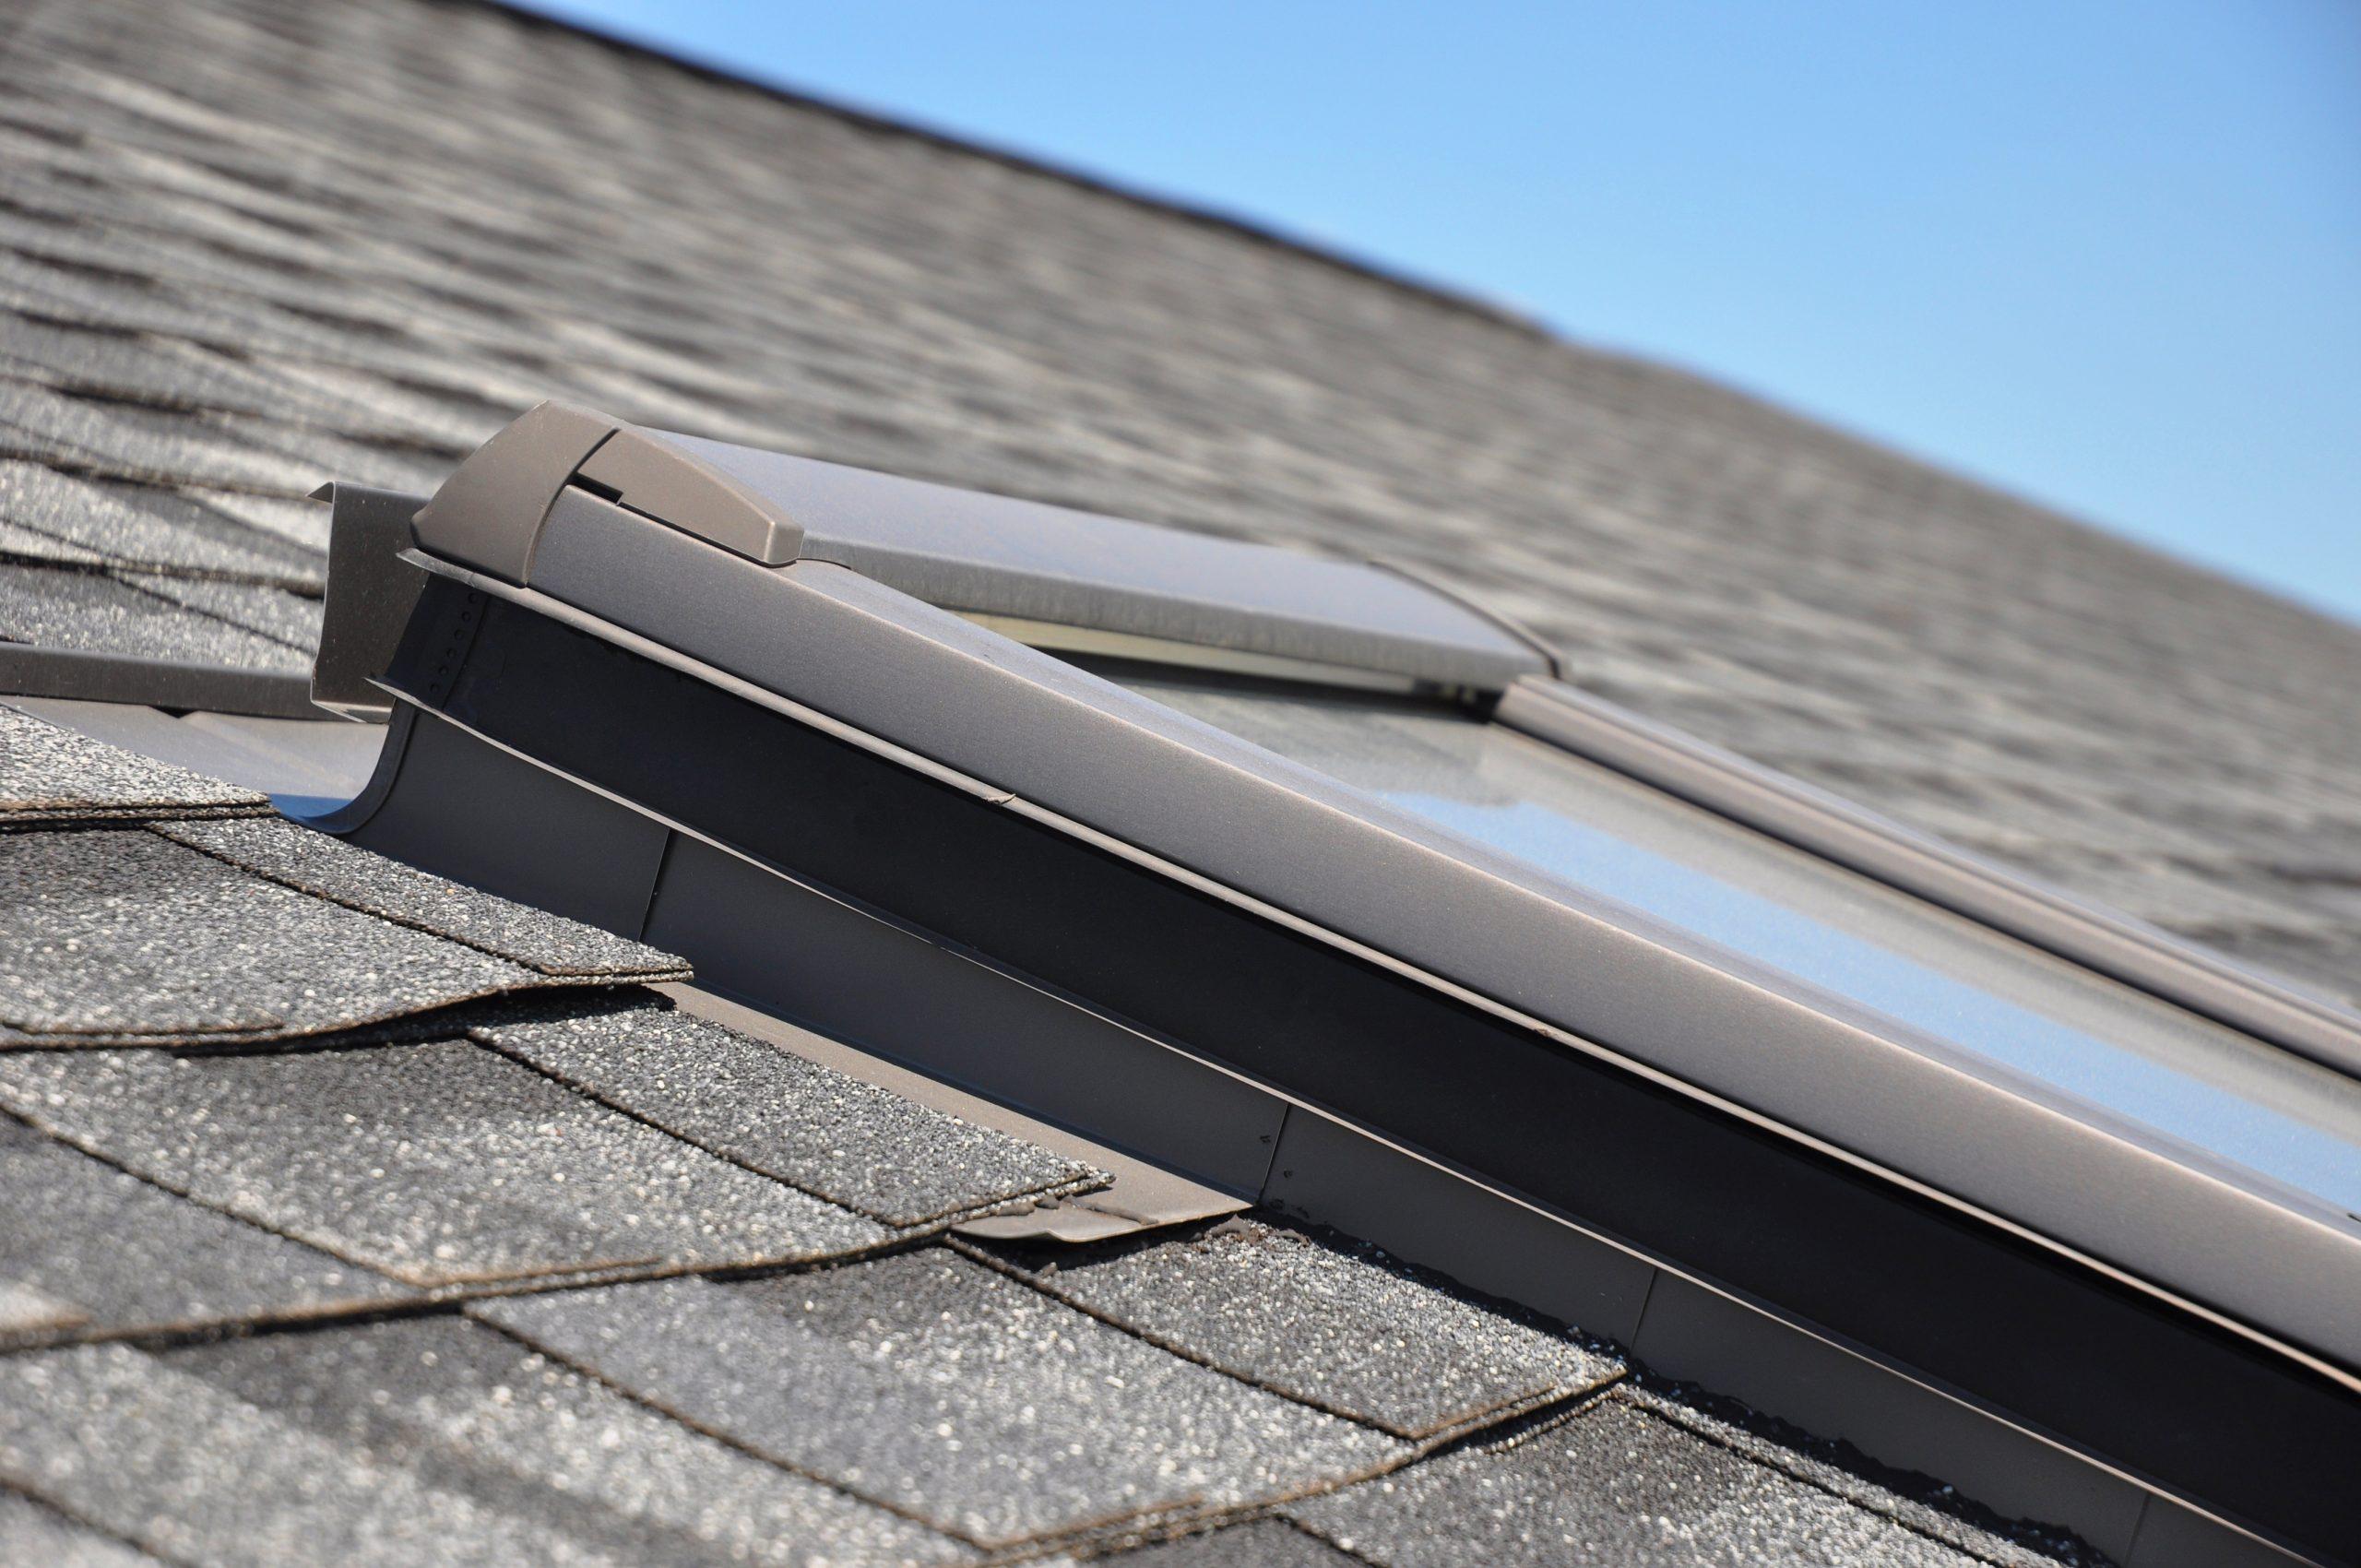 skylight or solar tubes